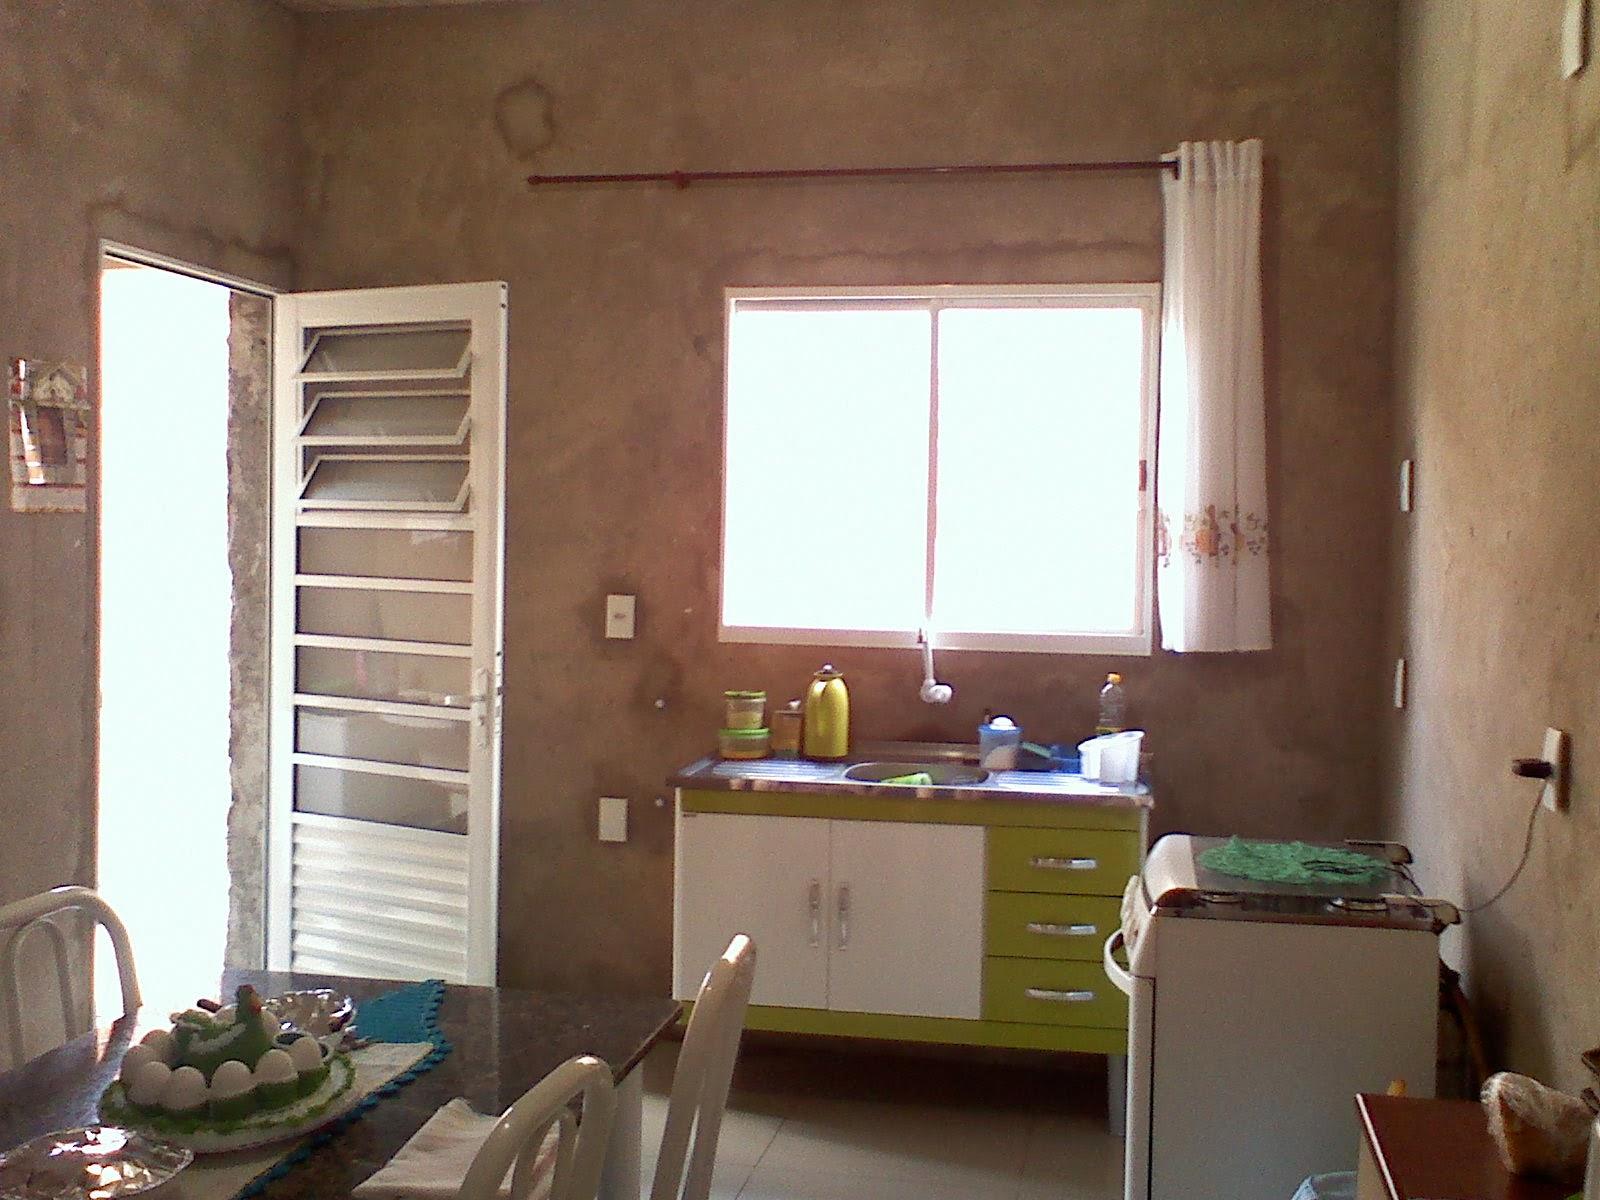 Humilde Residência : Cozinha Parte 2 ; Projeto de Decoração #304A61 1600 1200